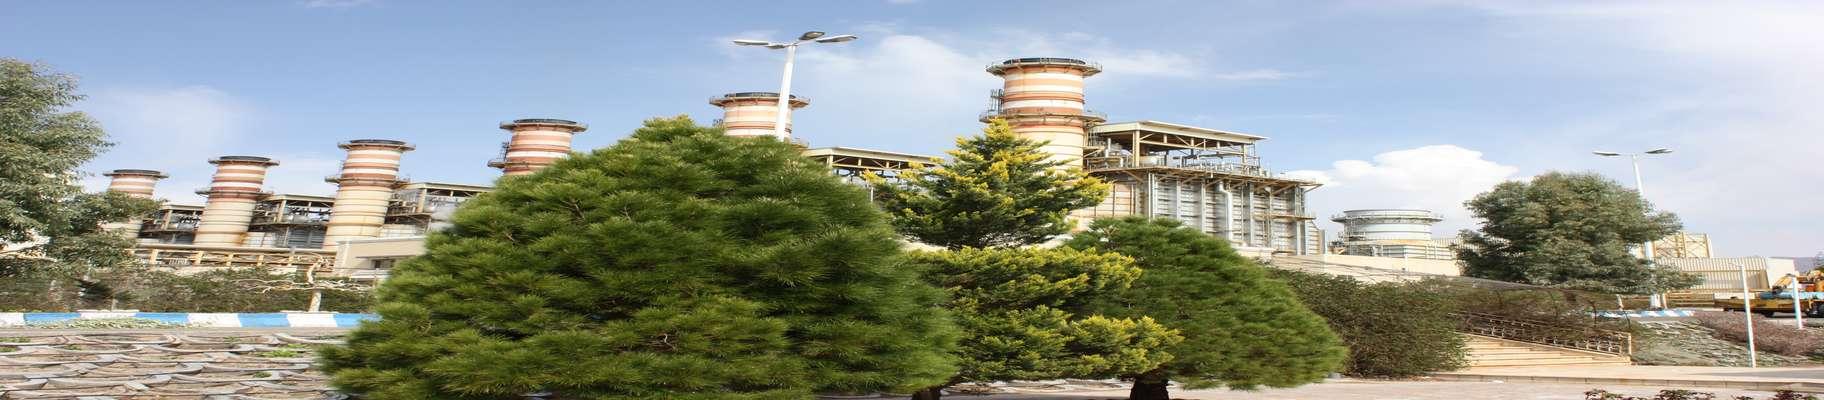 مدیرعامل نیروگاه شهیدسلیمانی اعلام کرد:  افزایش 10 درصدی تولید برق نیروگاه شهیدسلیمانی کرمان/ کاهش 43 درصدی خروج اضطراری واحدهای نیروگاه در پیک تابستان